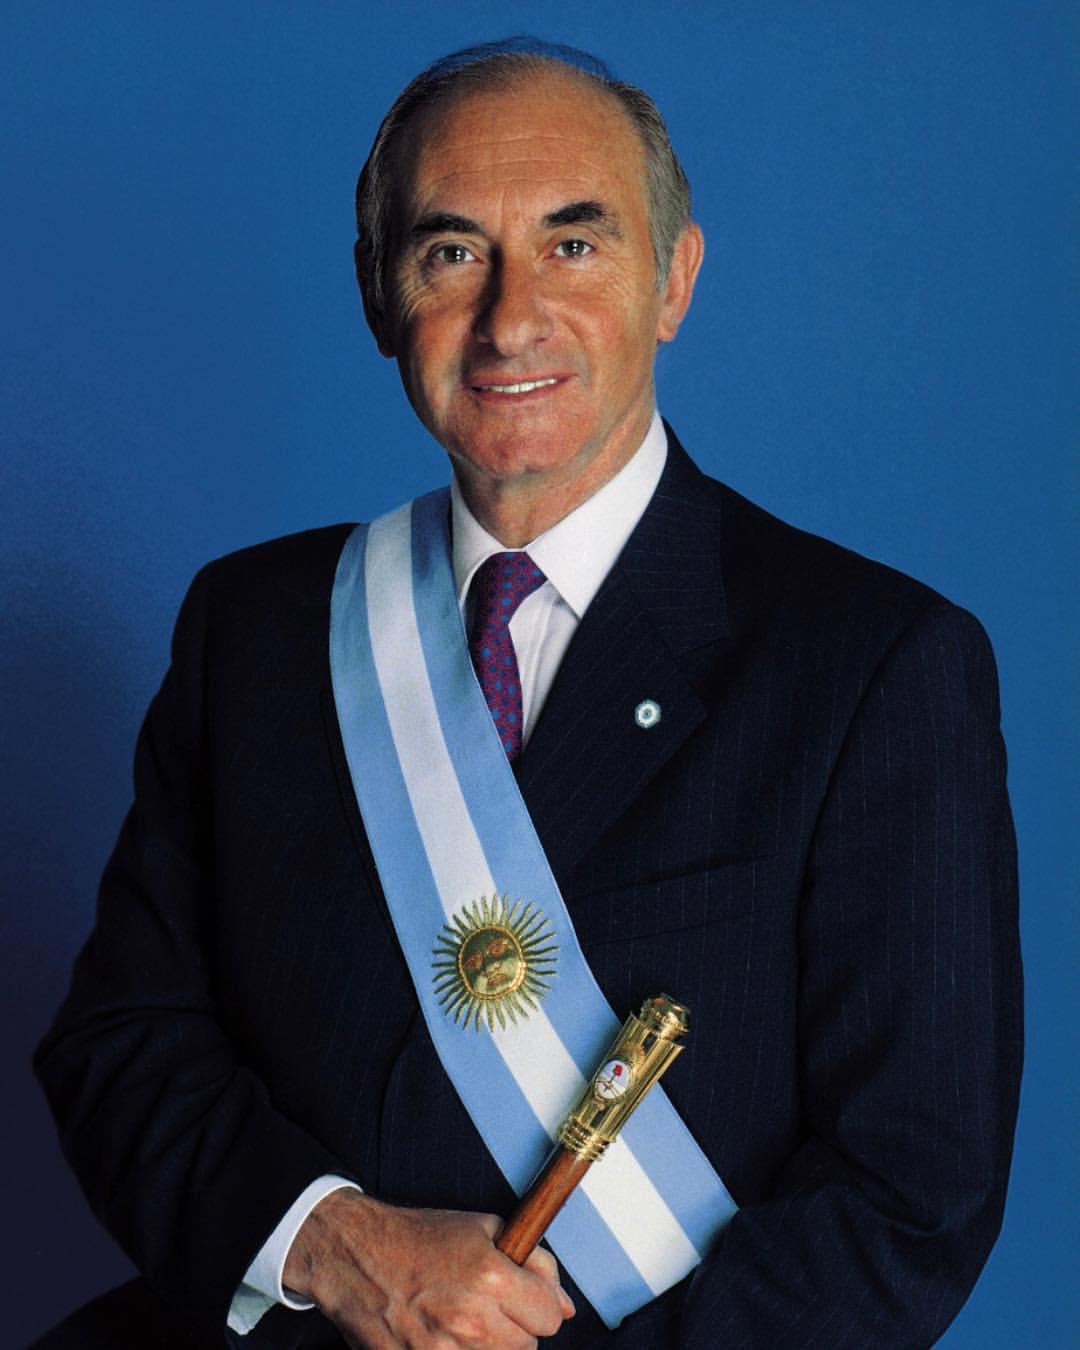 Archivo:Fernando de la Rúa con bastón y banda de presidente.jpg